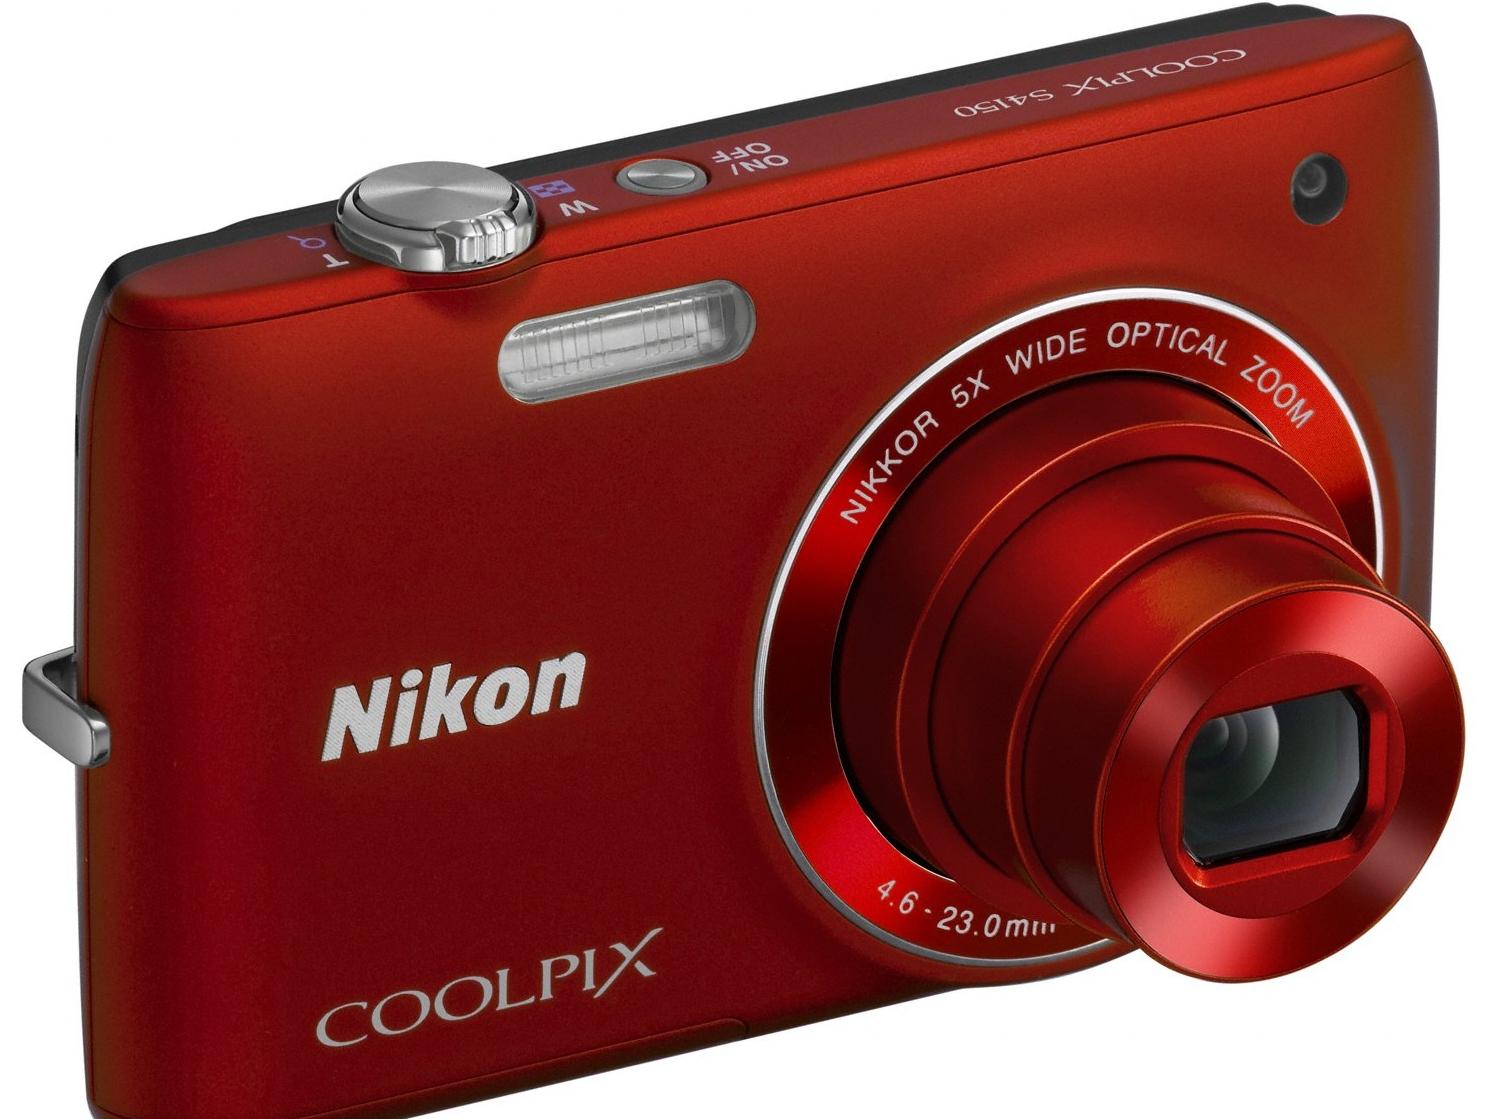 nikon coolpix s4150 and s6150 touchscreen cameras announced techradar rh techradar com nikon coolpix b700 user manual nikon coolpix p530 user manual